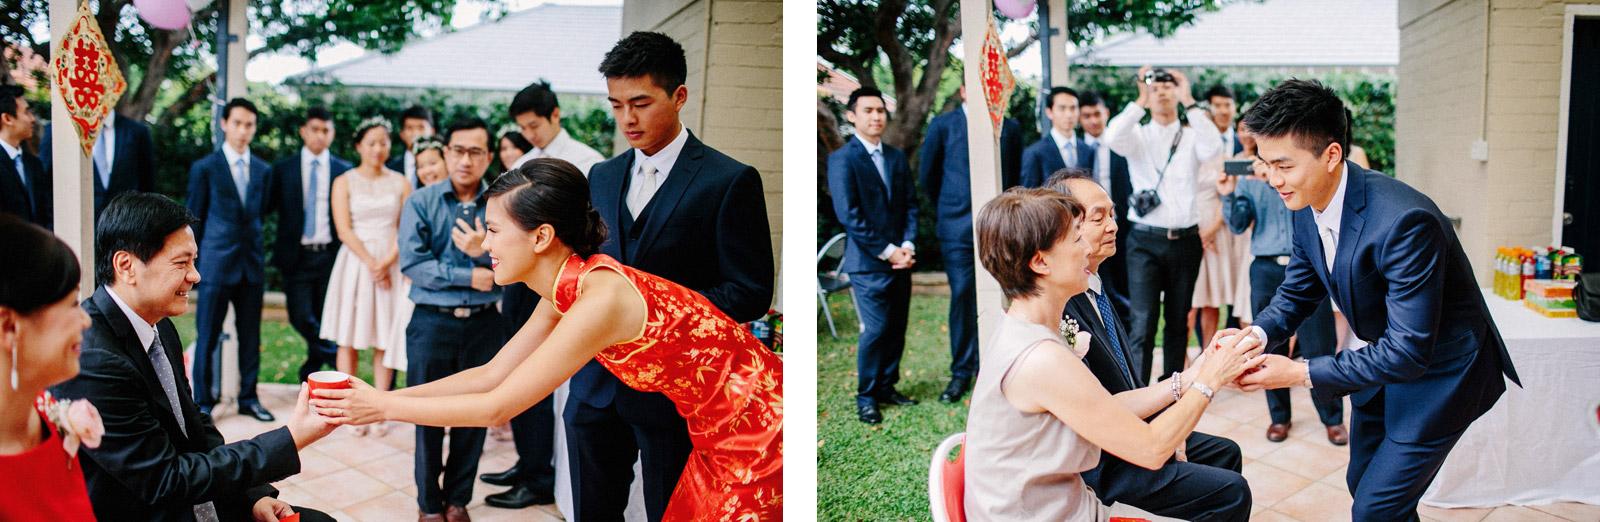 wedding-anne-darren-013